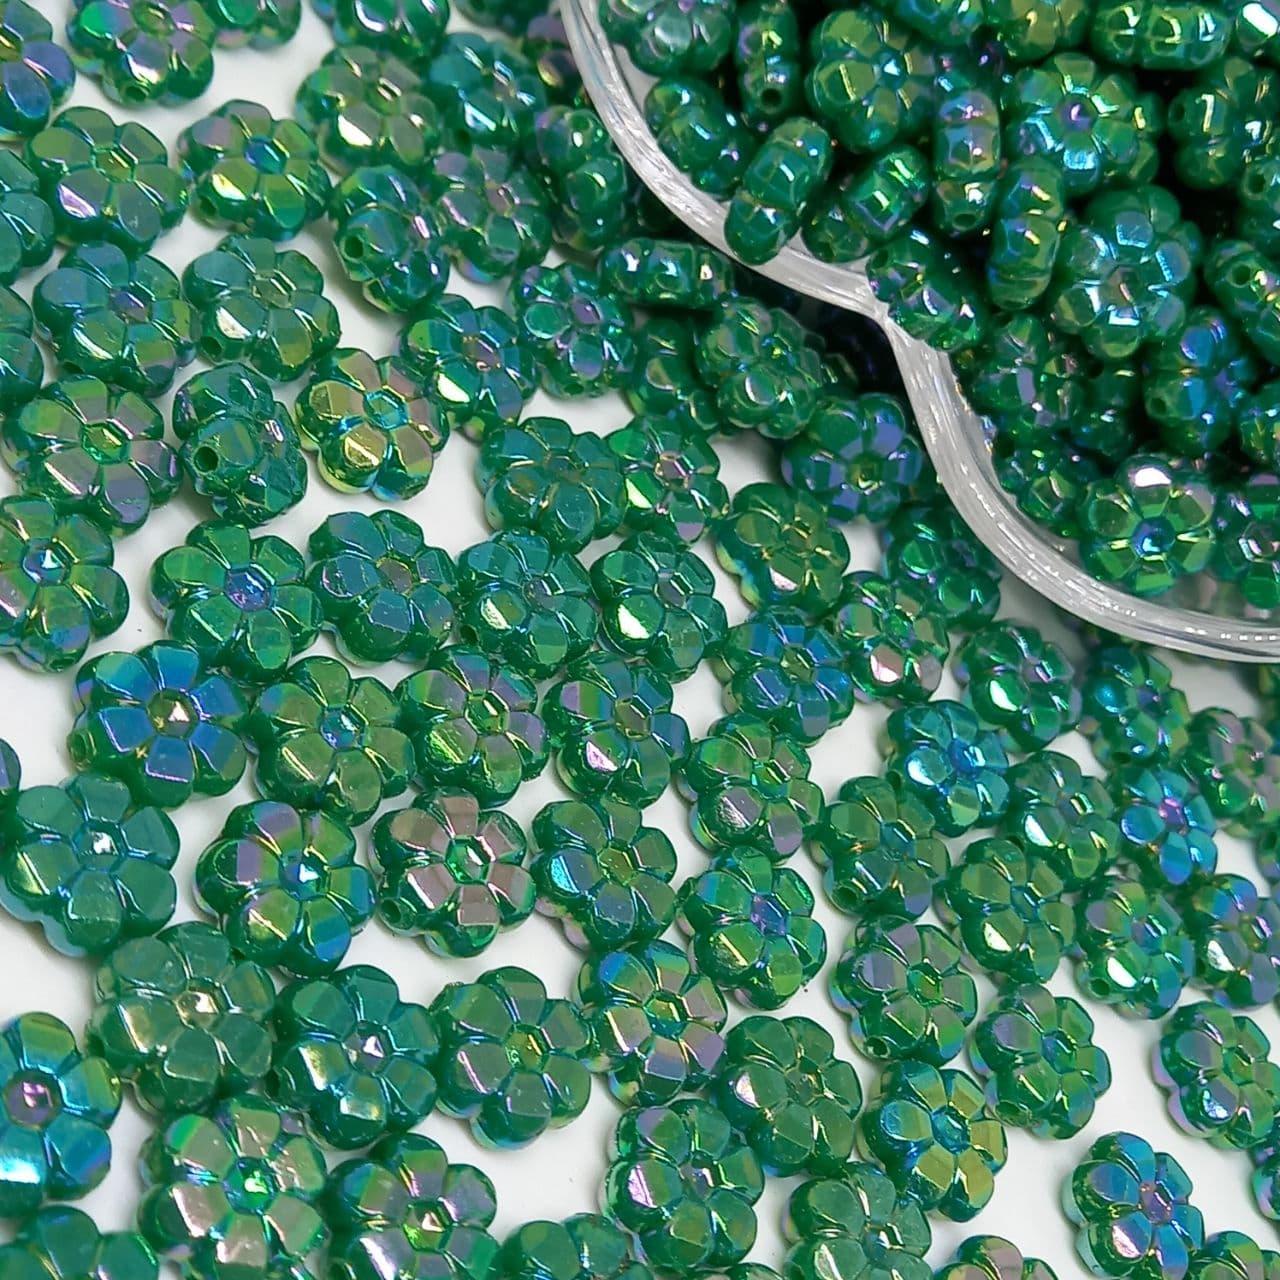 Flor verde escuro irisado 25g - 10mm